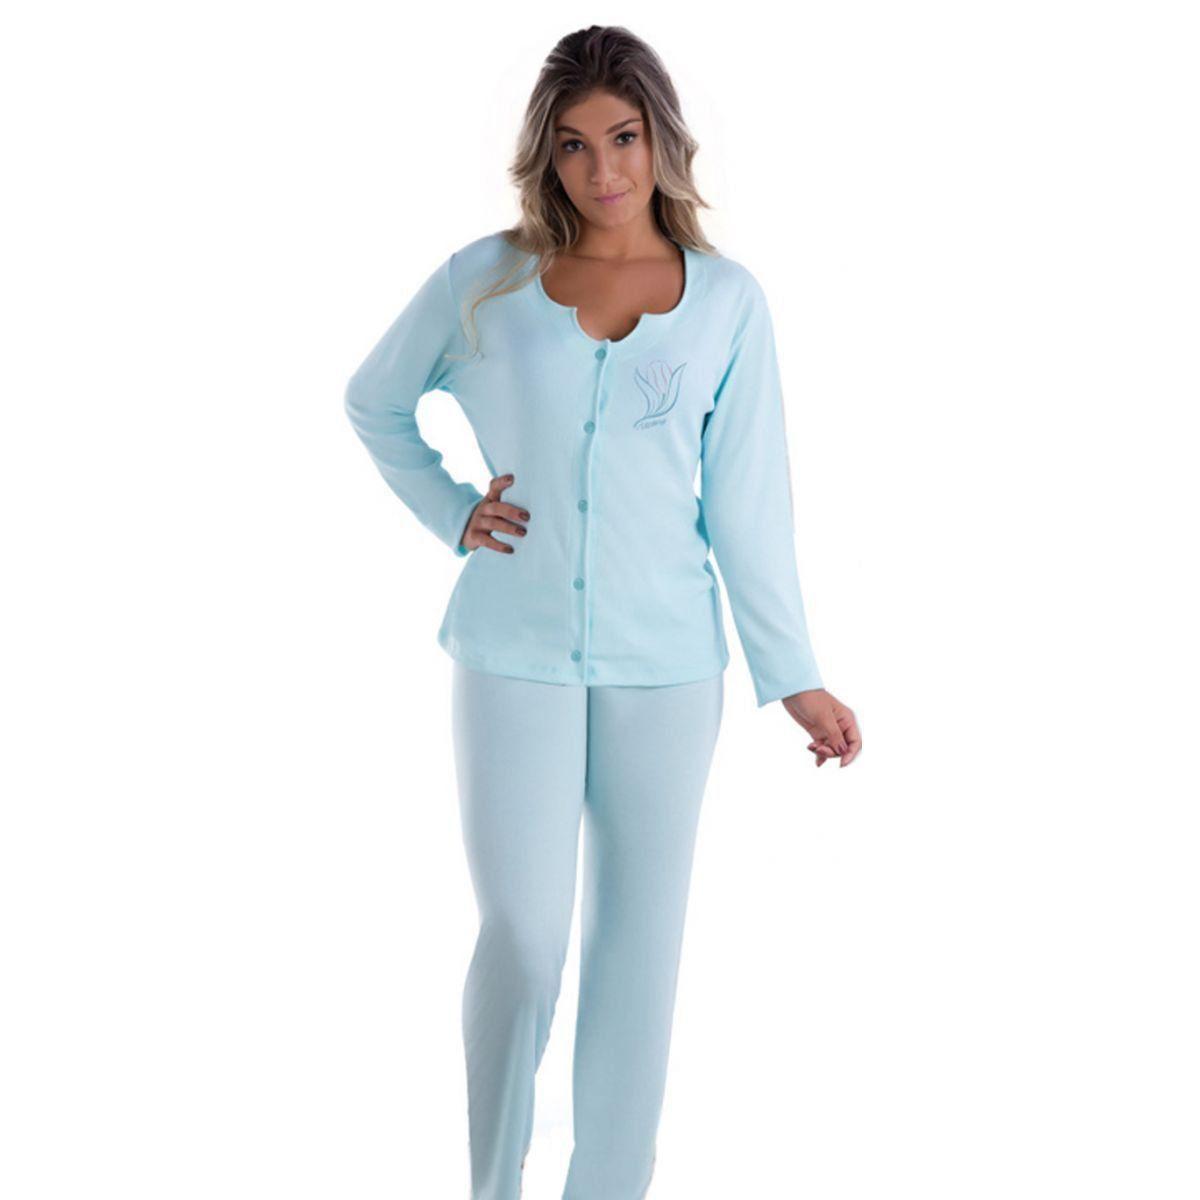 pijama inverno feminino longo aberto Victory